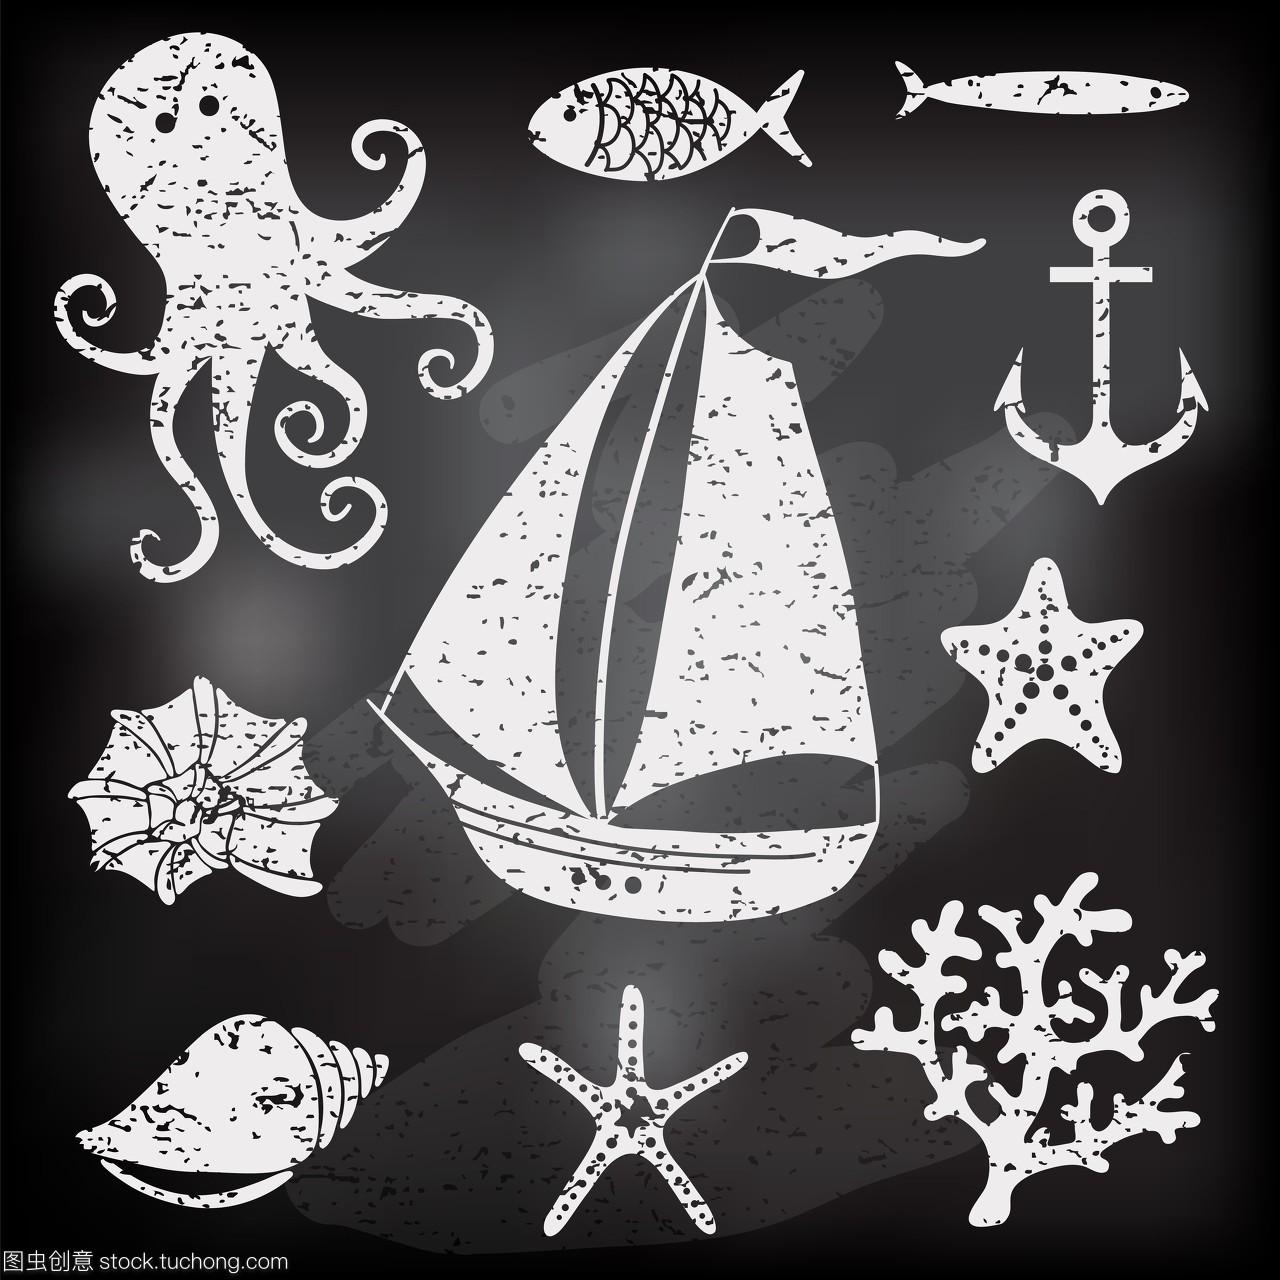 打架,珊瑚,漫画,艺术,船舶,背景,装饰,v珊瑚,停泊,画画韩国漫画的图片